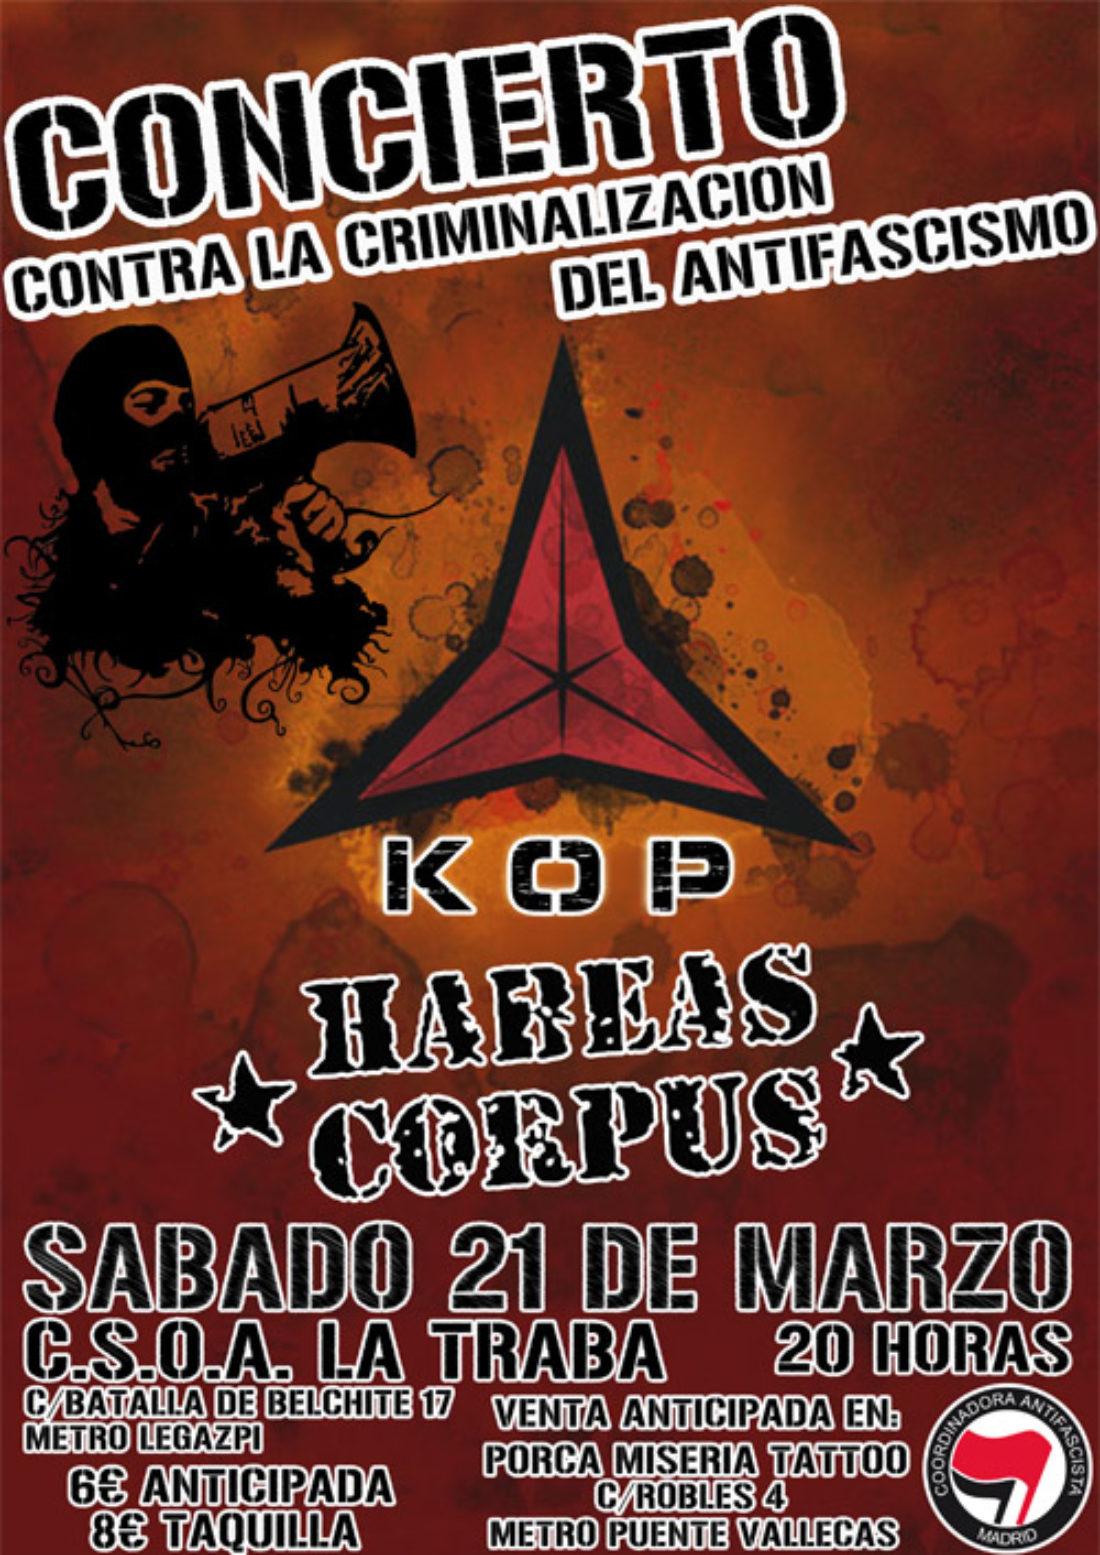 Madrid: Concierto de KOP y Habeas Corpus contra la criminalización del antifascismo